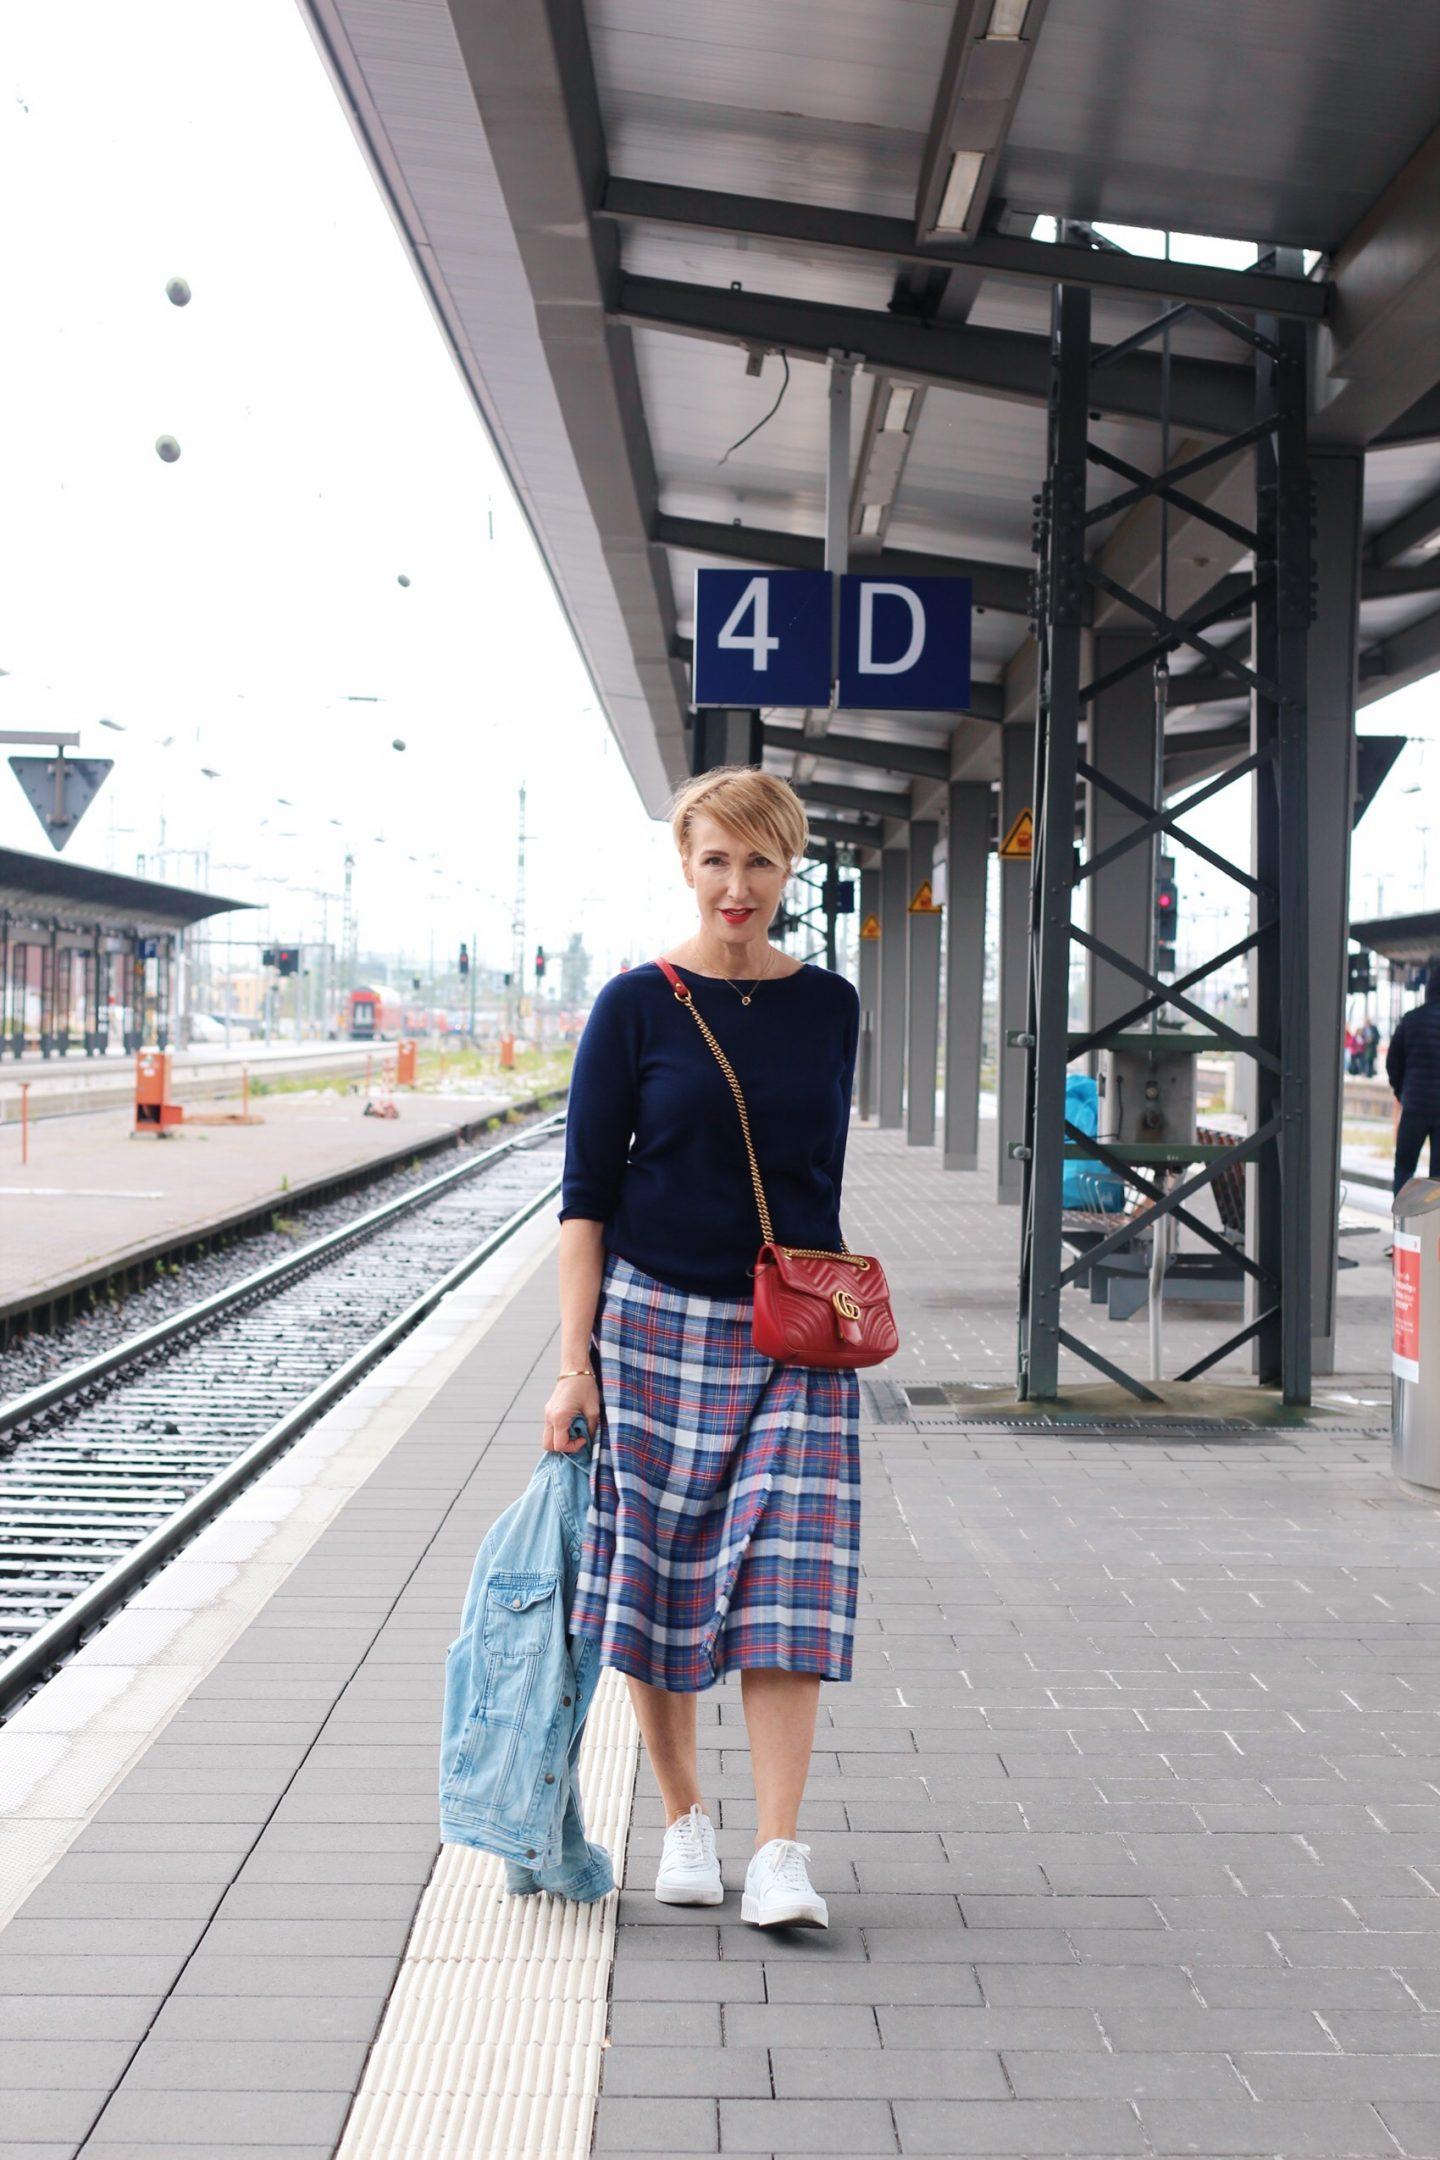 Die Jeansjacke als ideale Jacke für Unterwegs - Outfitidee mit Kilt und Pullover für Frauen Ü40 Ü50